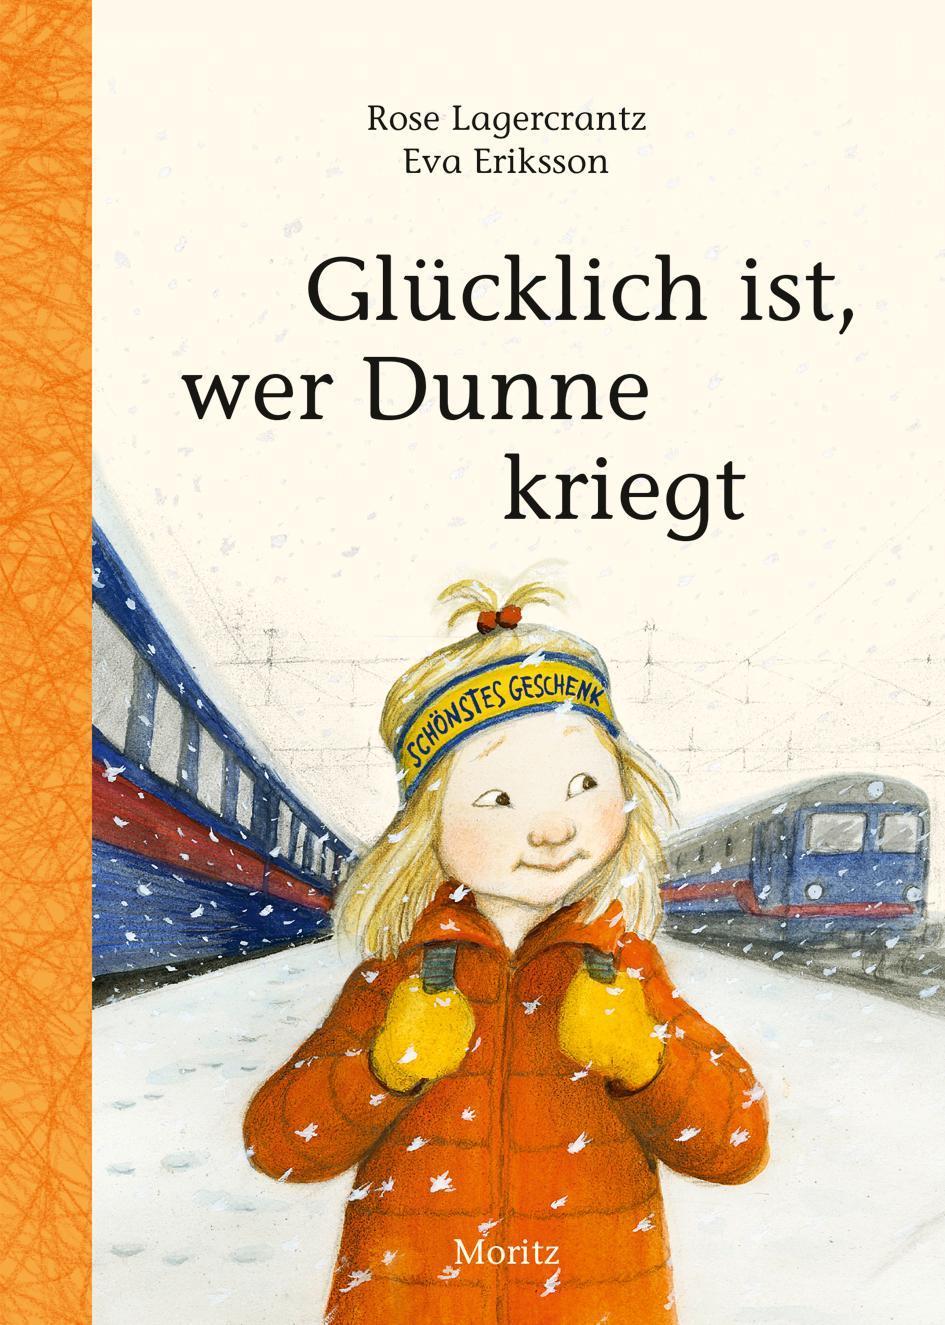 Rose-Lagercrantz-Gluecklich-ist-wer-Dunne-kriegt-9783895653698